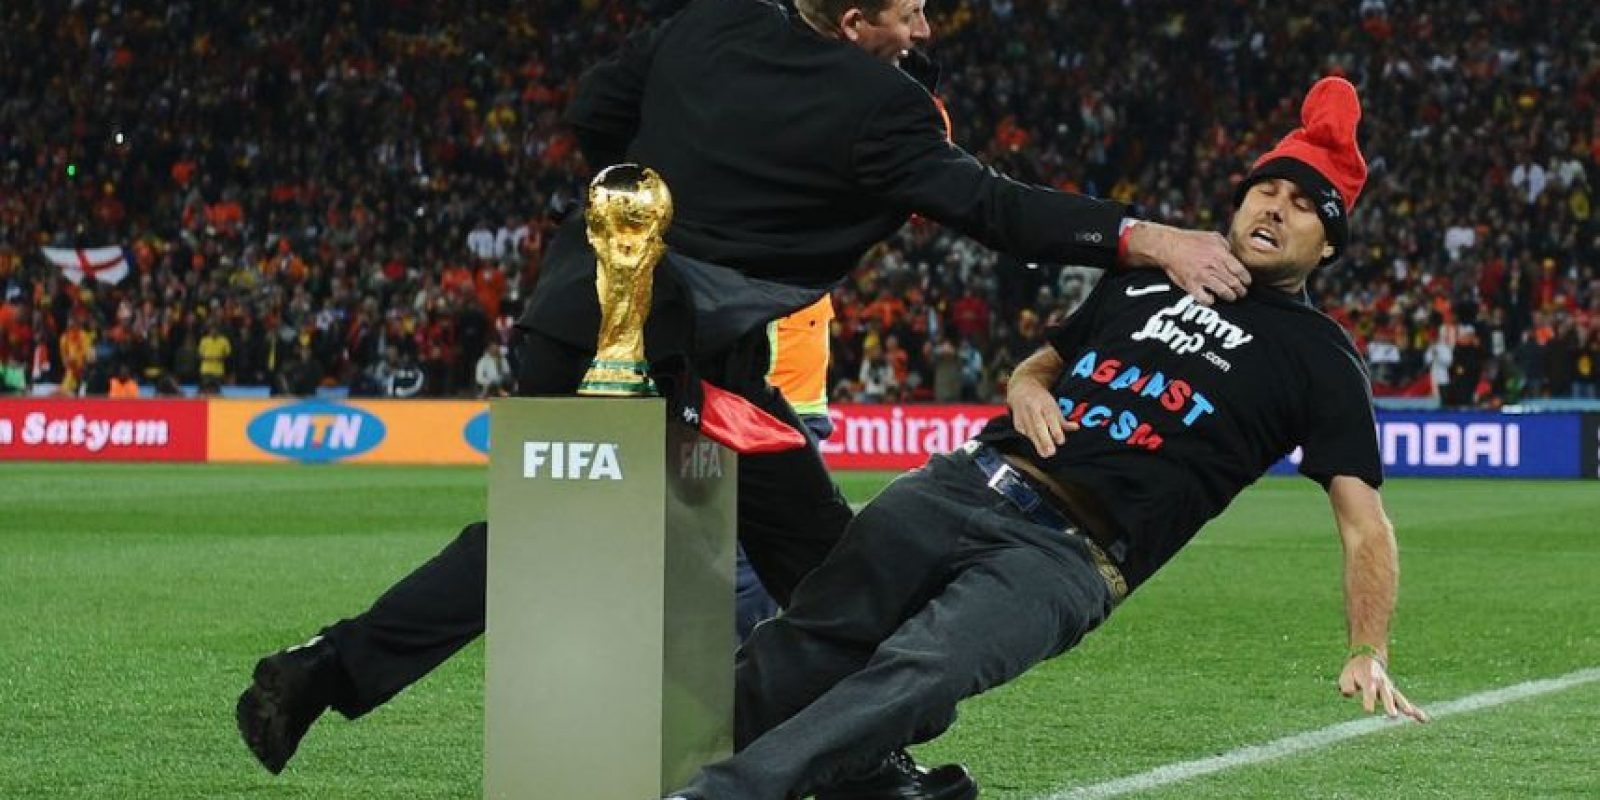 Jimmy no pudo tocar la Copa del Mundo que más tarde ganaría España. Foto:Getty Images